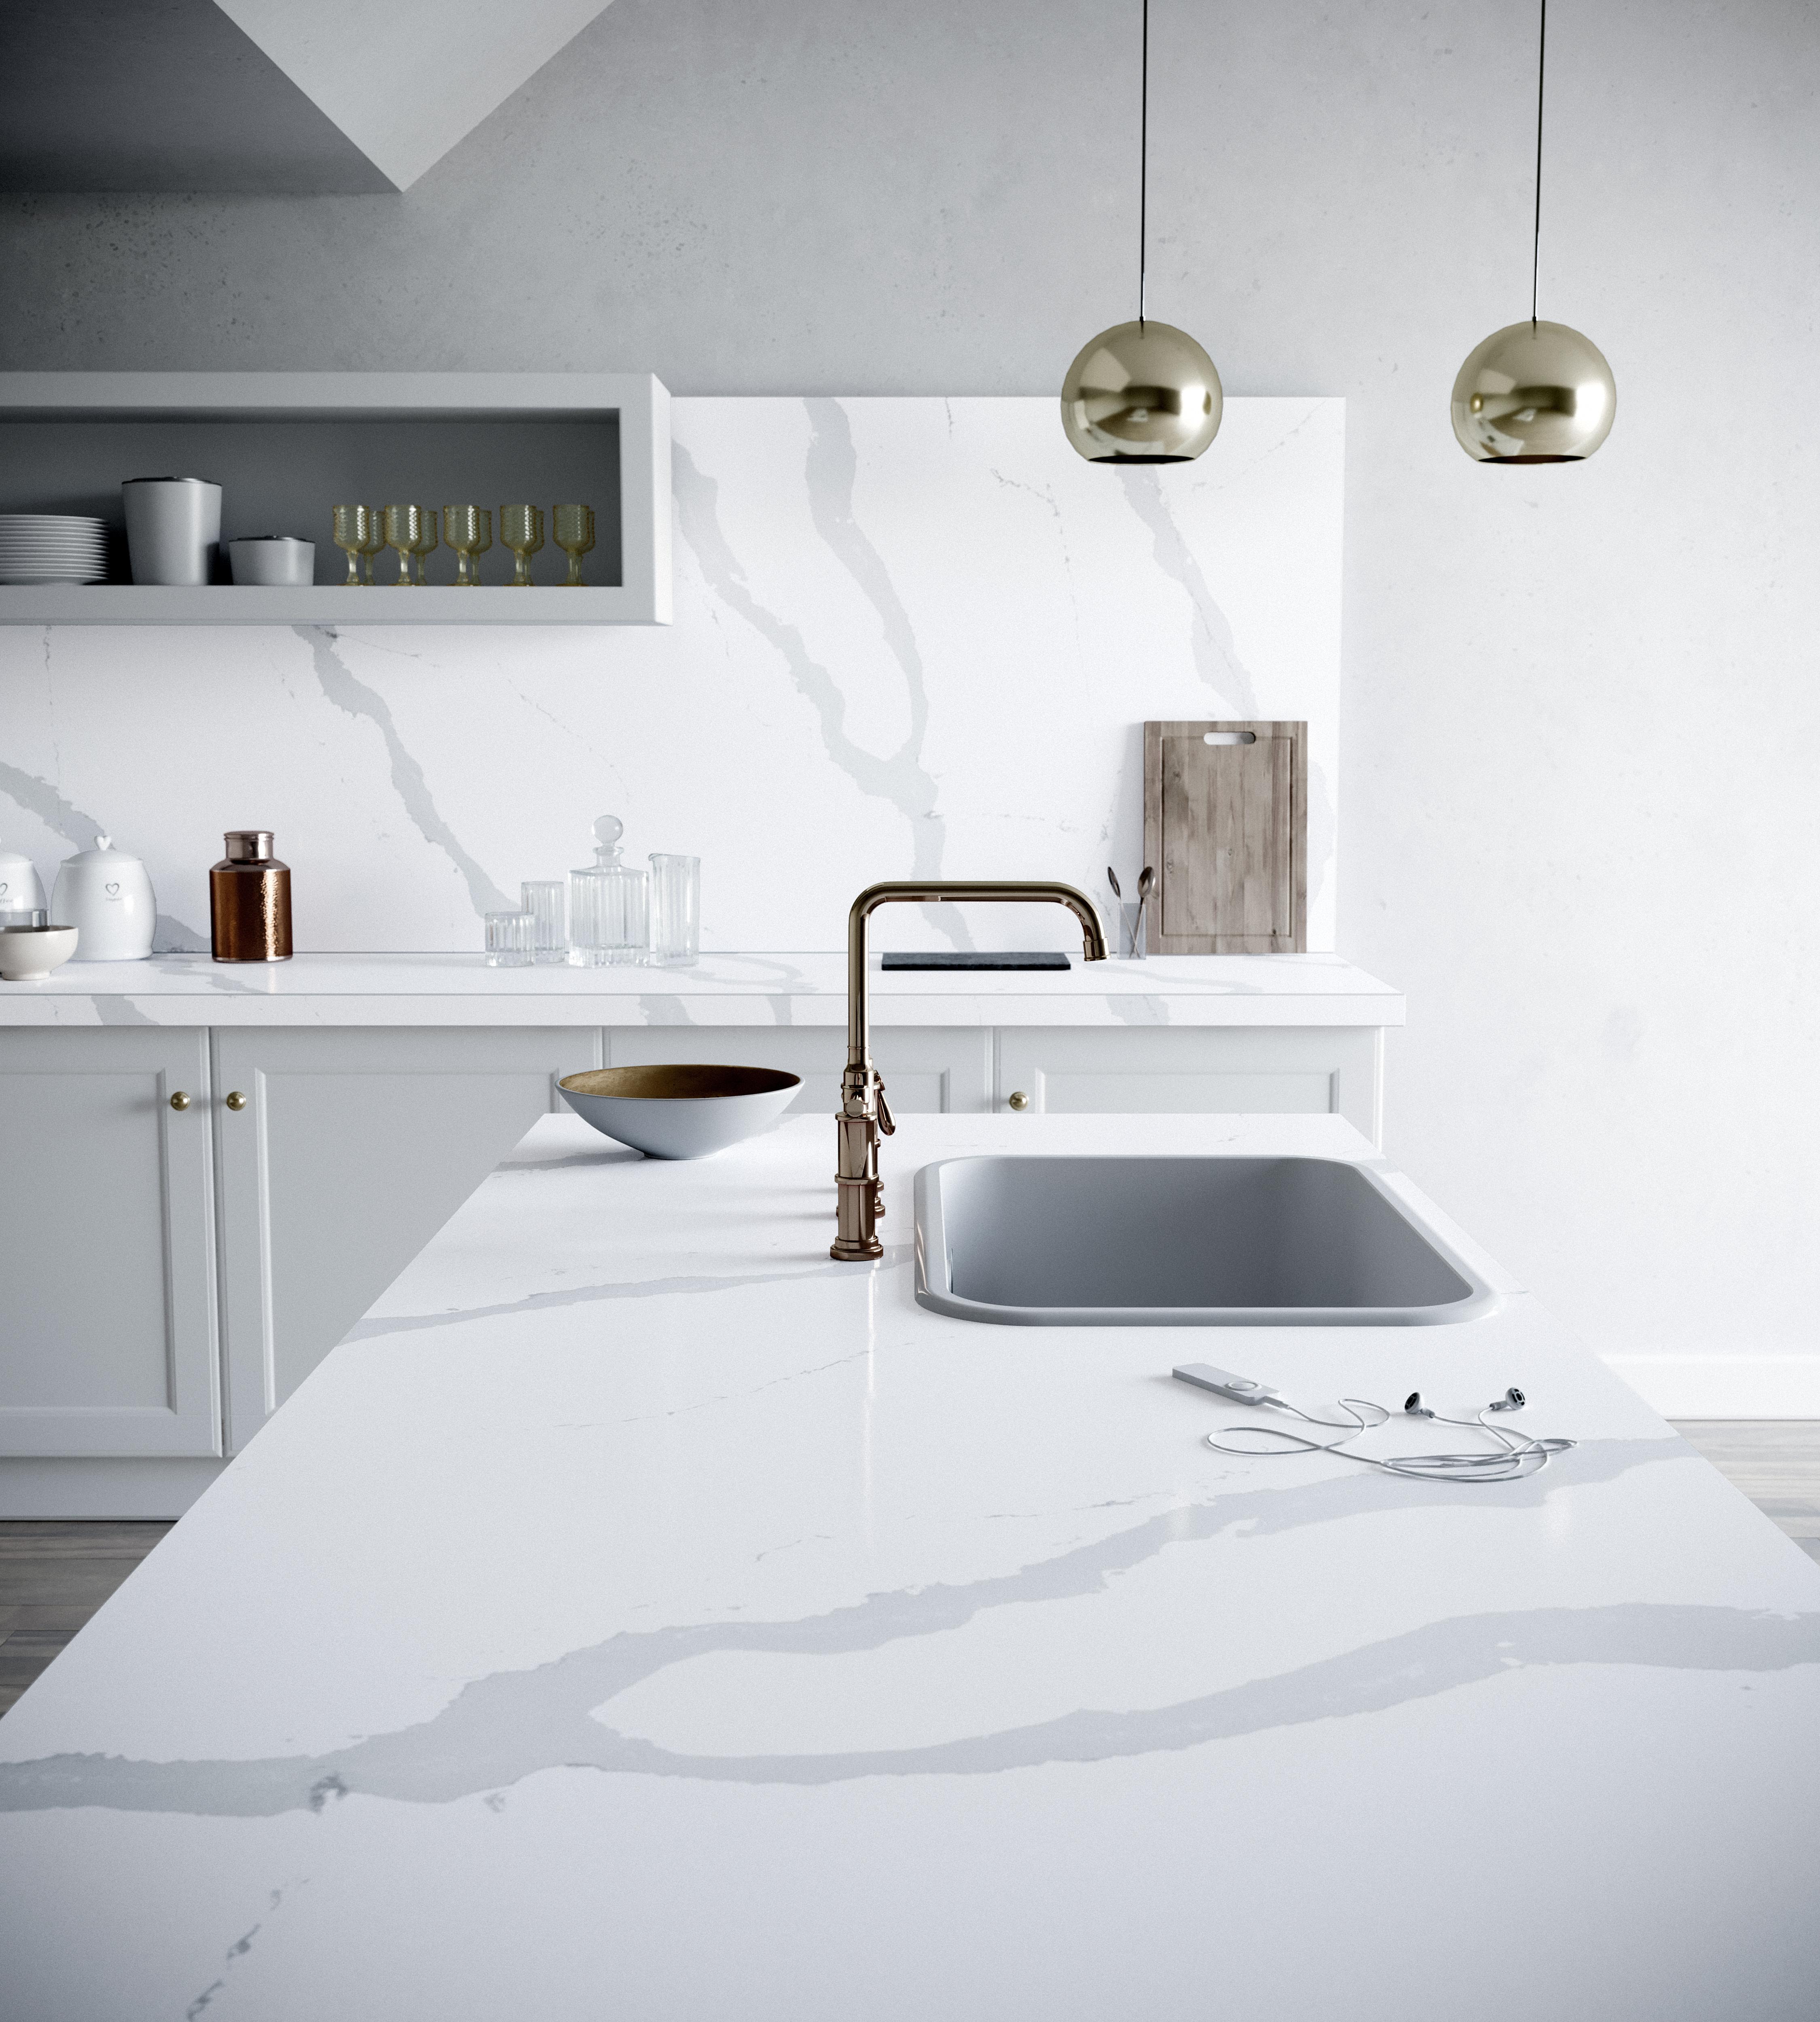 Comment Installer Un Comptoir De Cuisine guide comptoirs cuisine : 13 matériaux incontournables